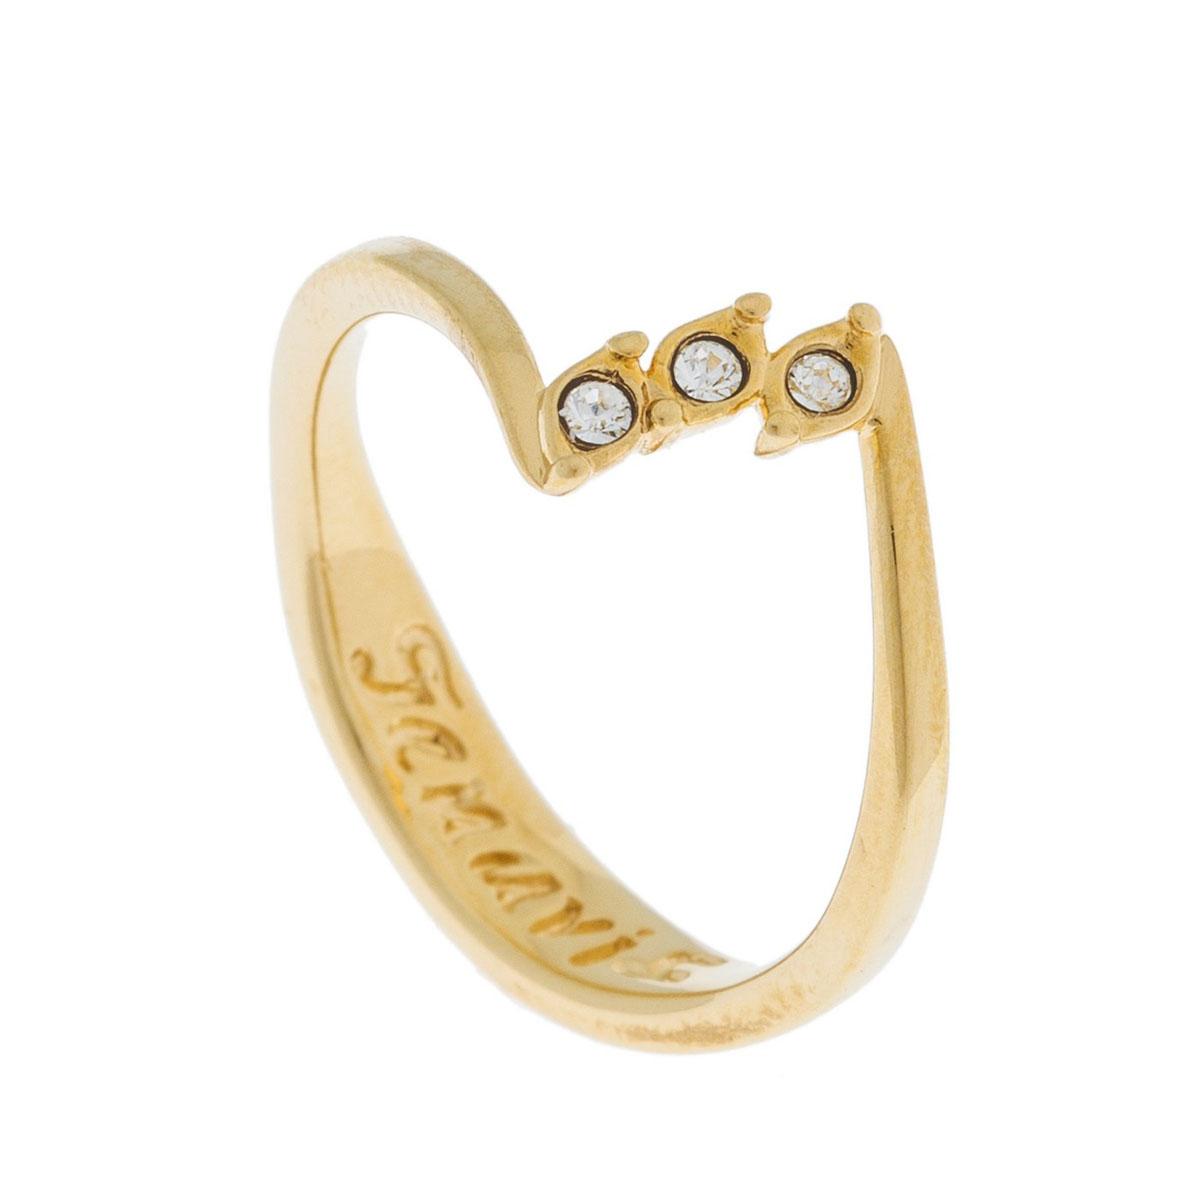 Кольцо Jenavi Эя, цвет: золотой, белый. k495p000. Размер 16Коктейльное кольцоКоллекция Э, Эя (Кольцо) гипоаллергенный ювелирный сплав,Позолота, вставка Кристаллы Swarovski